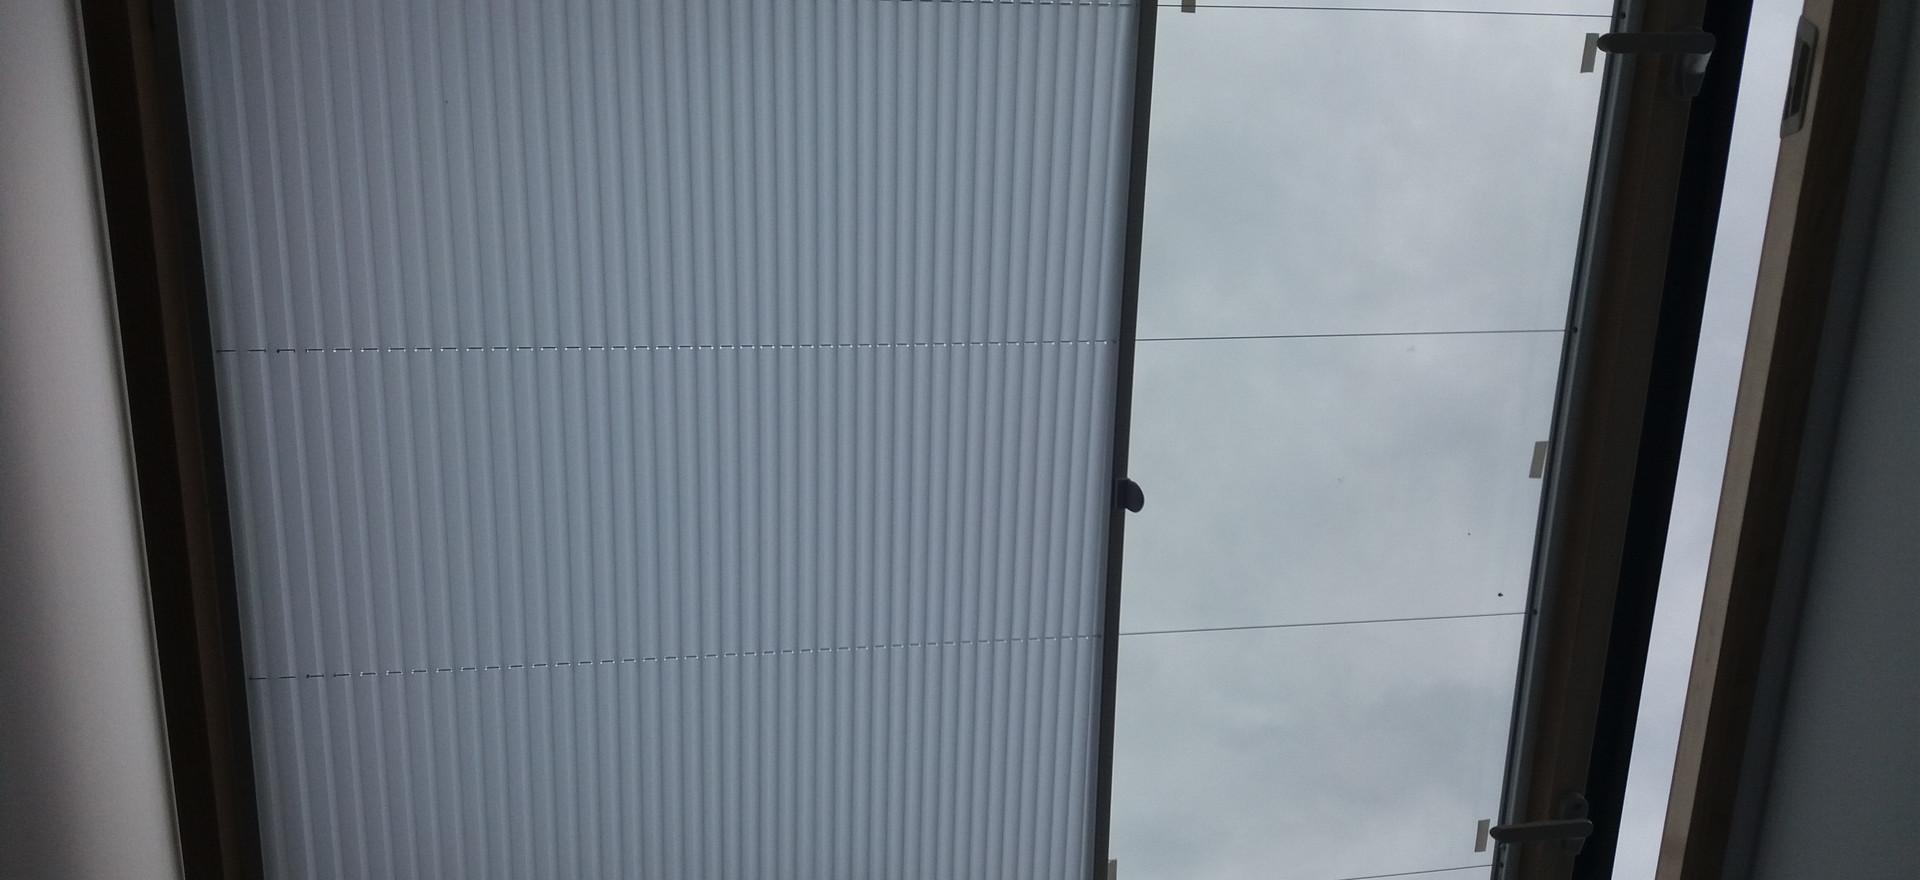 ЖАЛЮЗИ ПЛИССЕ на мансардное окно. Бизнес Центр ул. Профессиональная